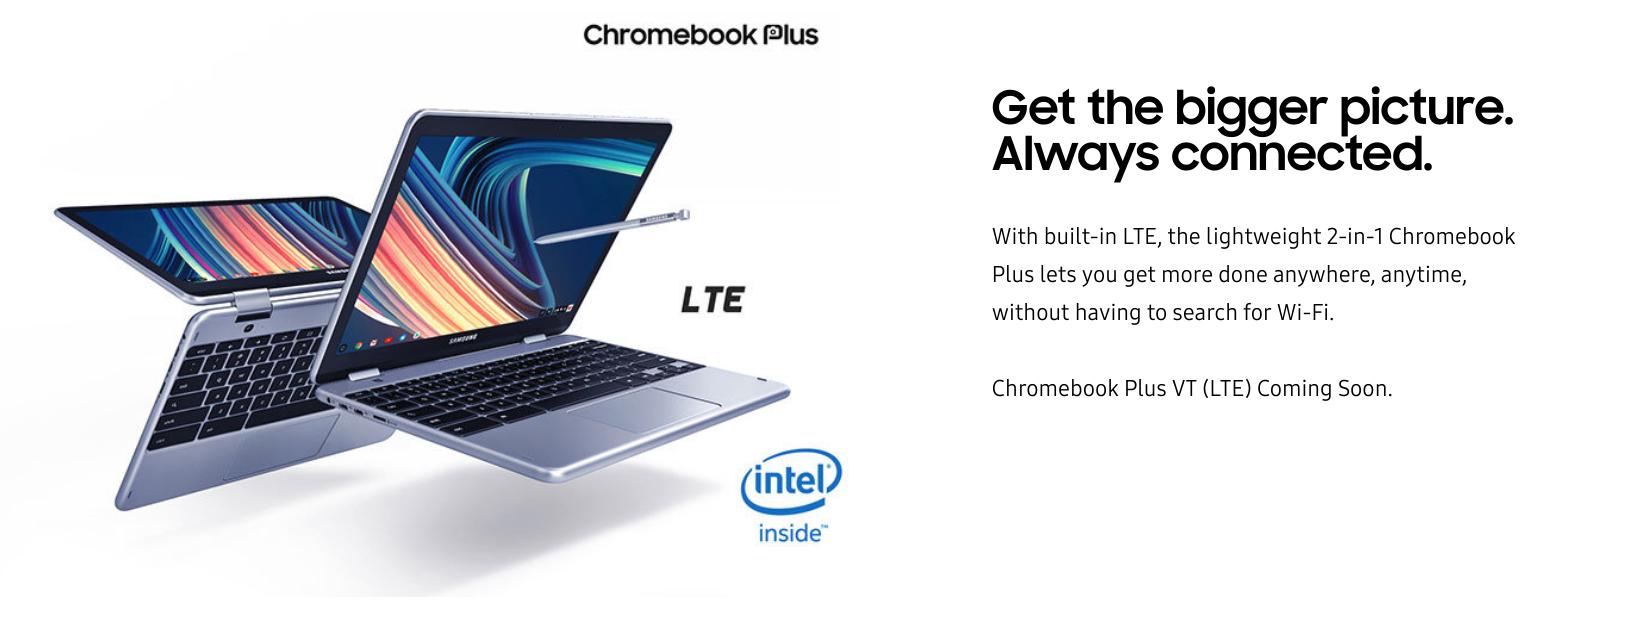 [かぶ] Always Connected. Samsung Chromebook Plus V2にLTEモデルが登場。11月2日より発売。